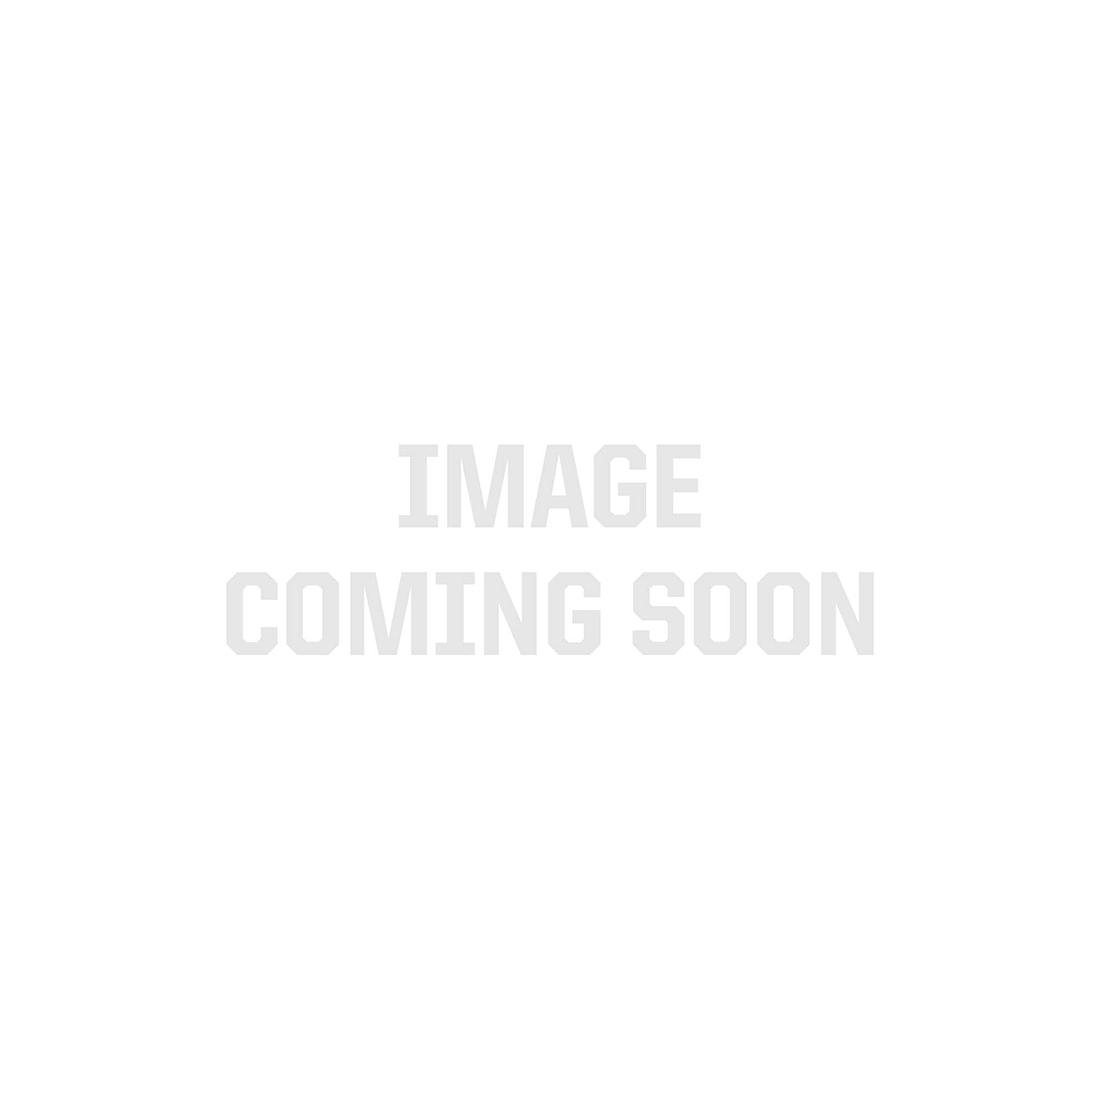 Lutron SCL-153P Skylark Dimmable CFL/LED Dimmer; 150 Watt, Single Pole or 3-Way (Multi-location) Black